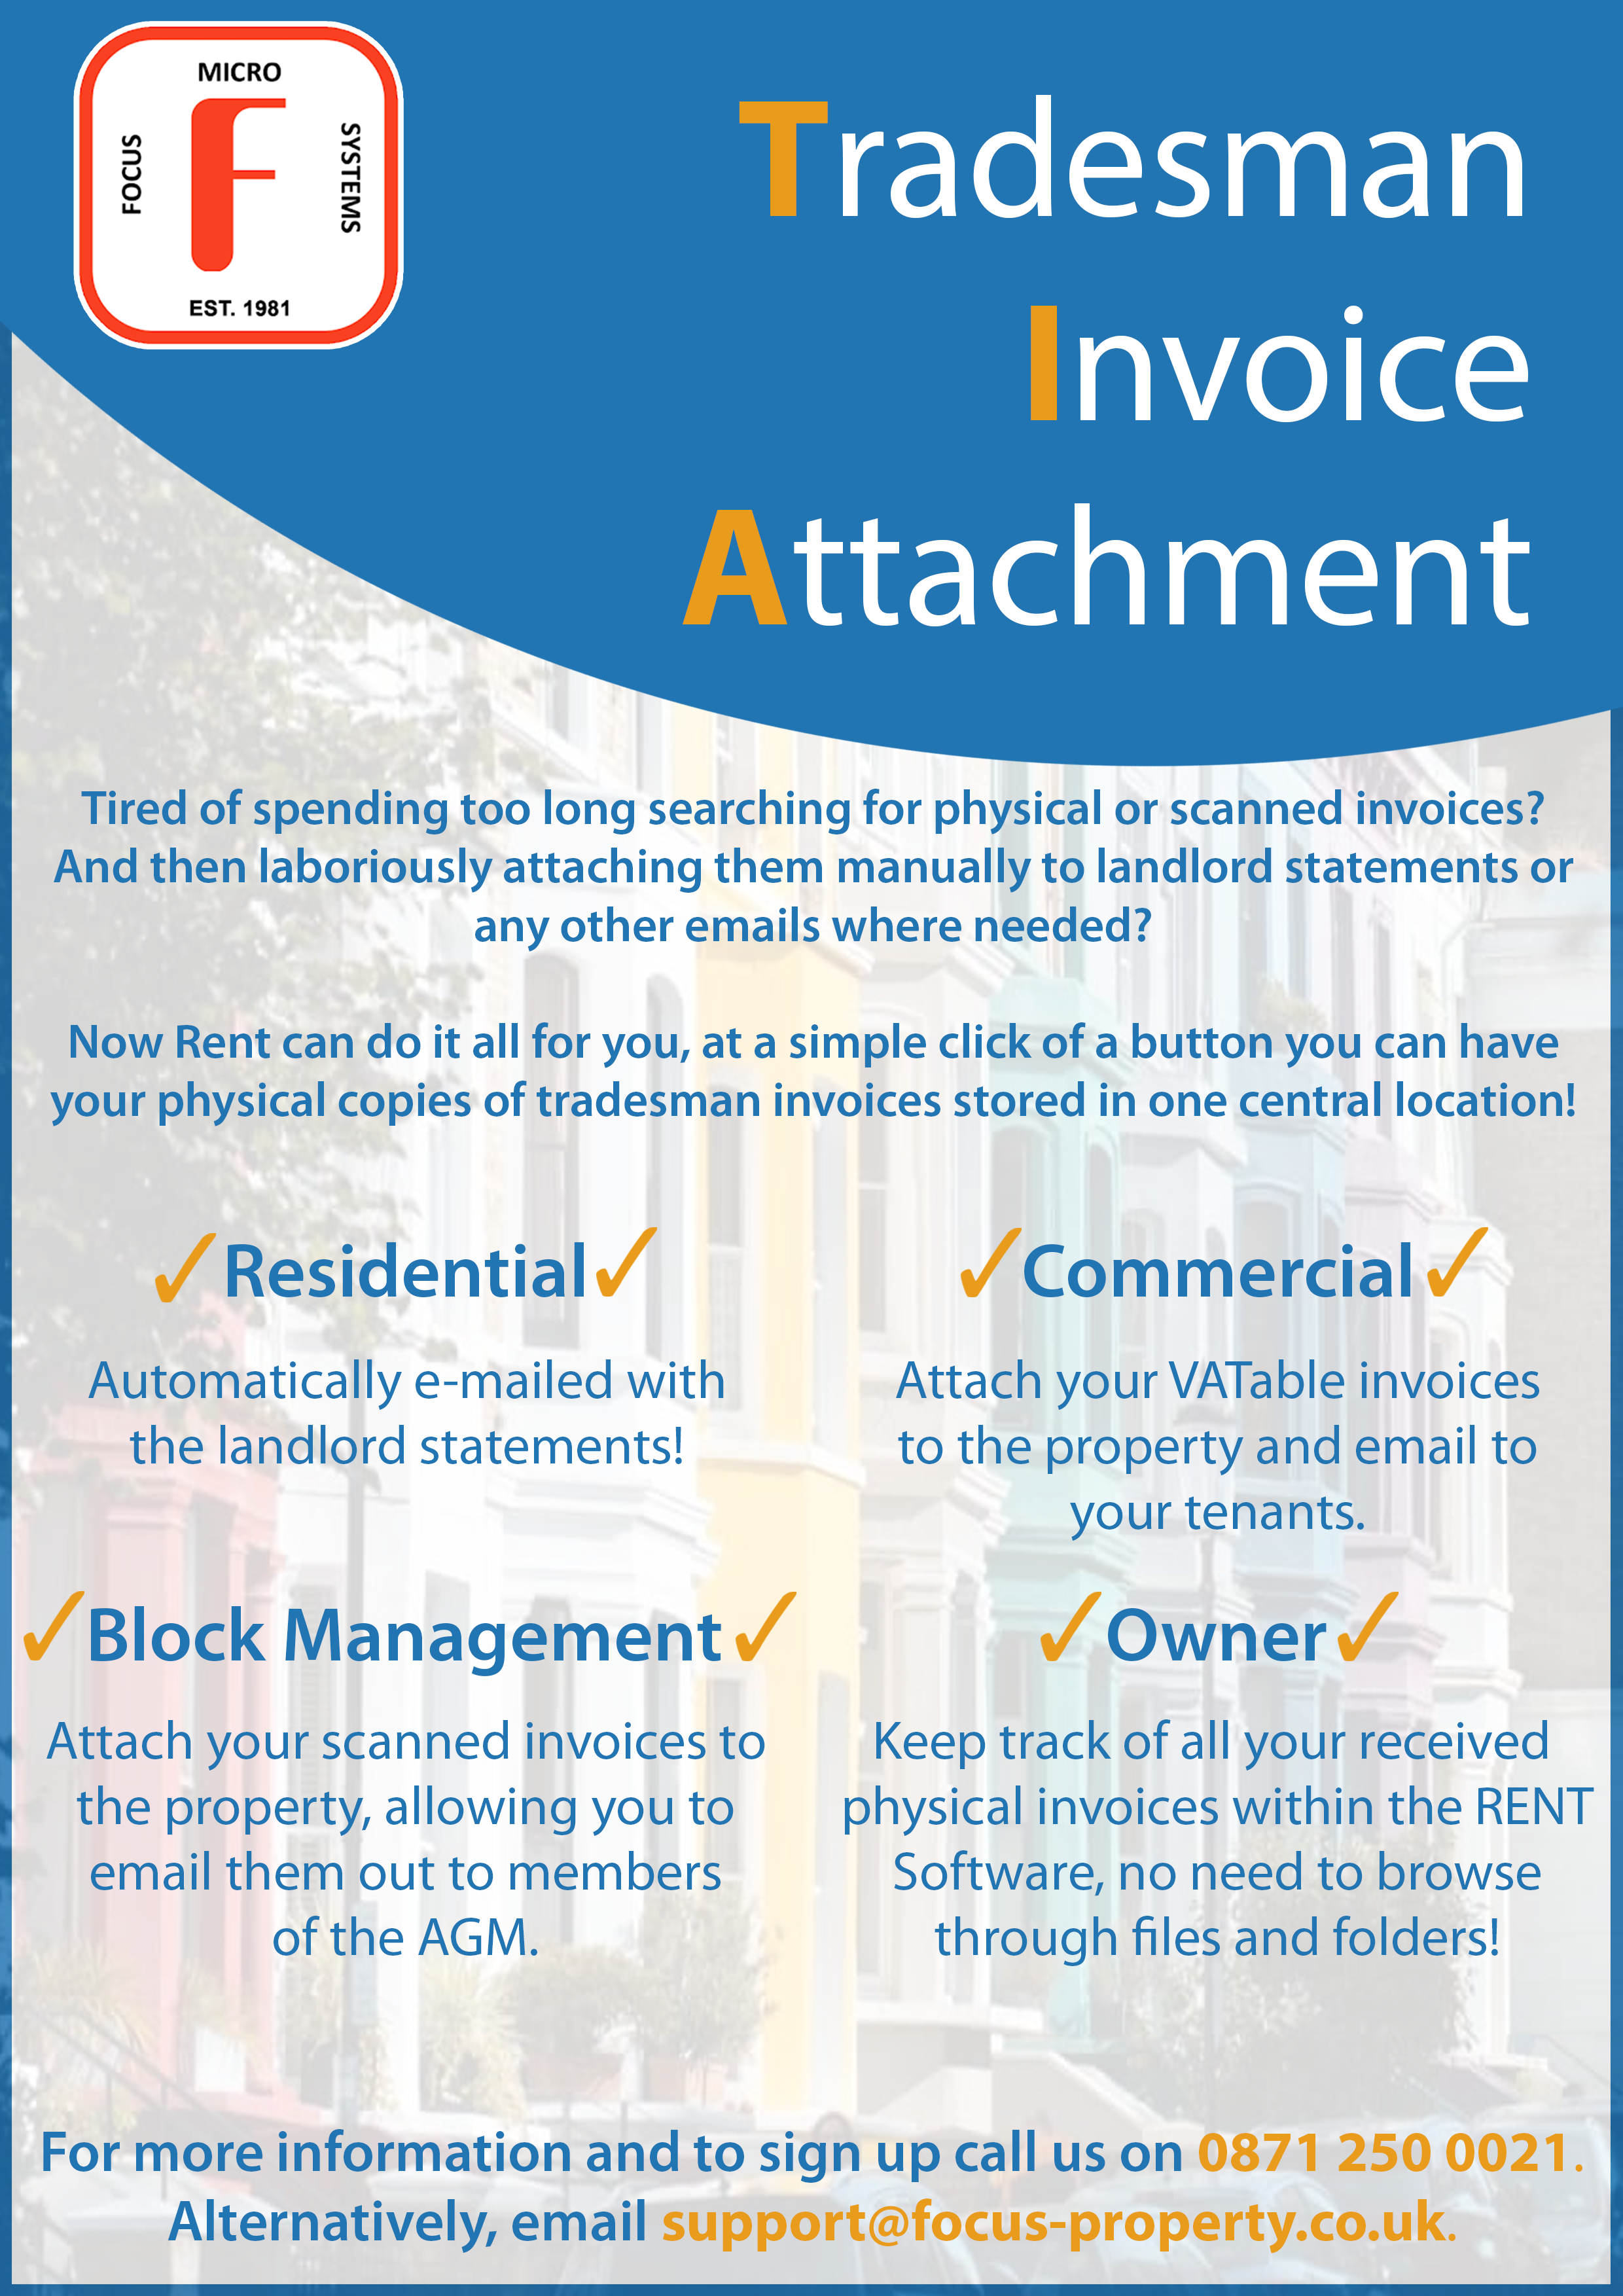 Tradesman Invoice Attachment Feature